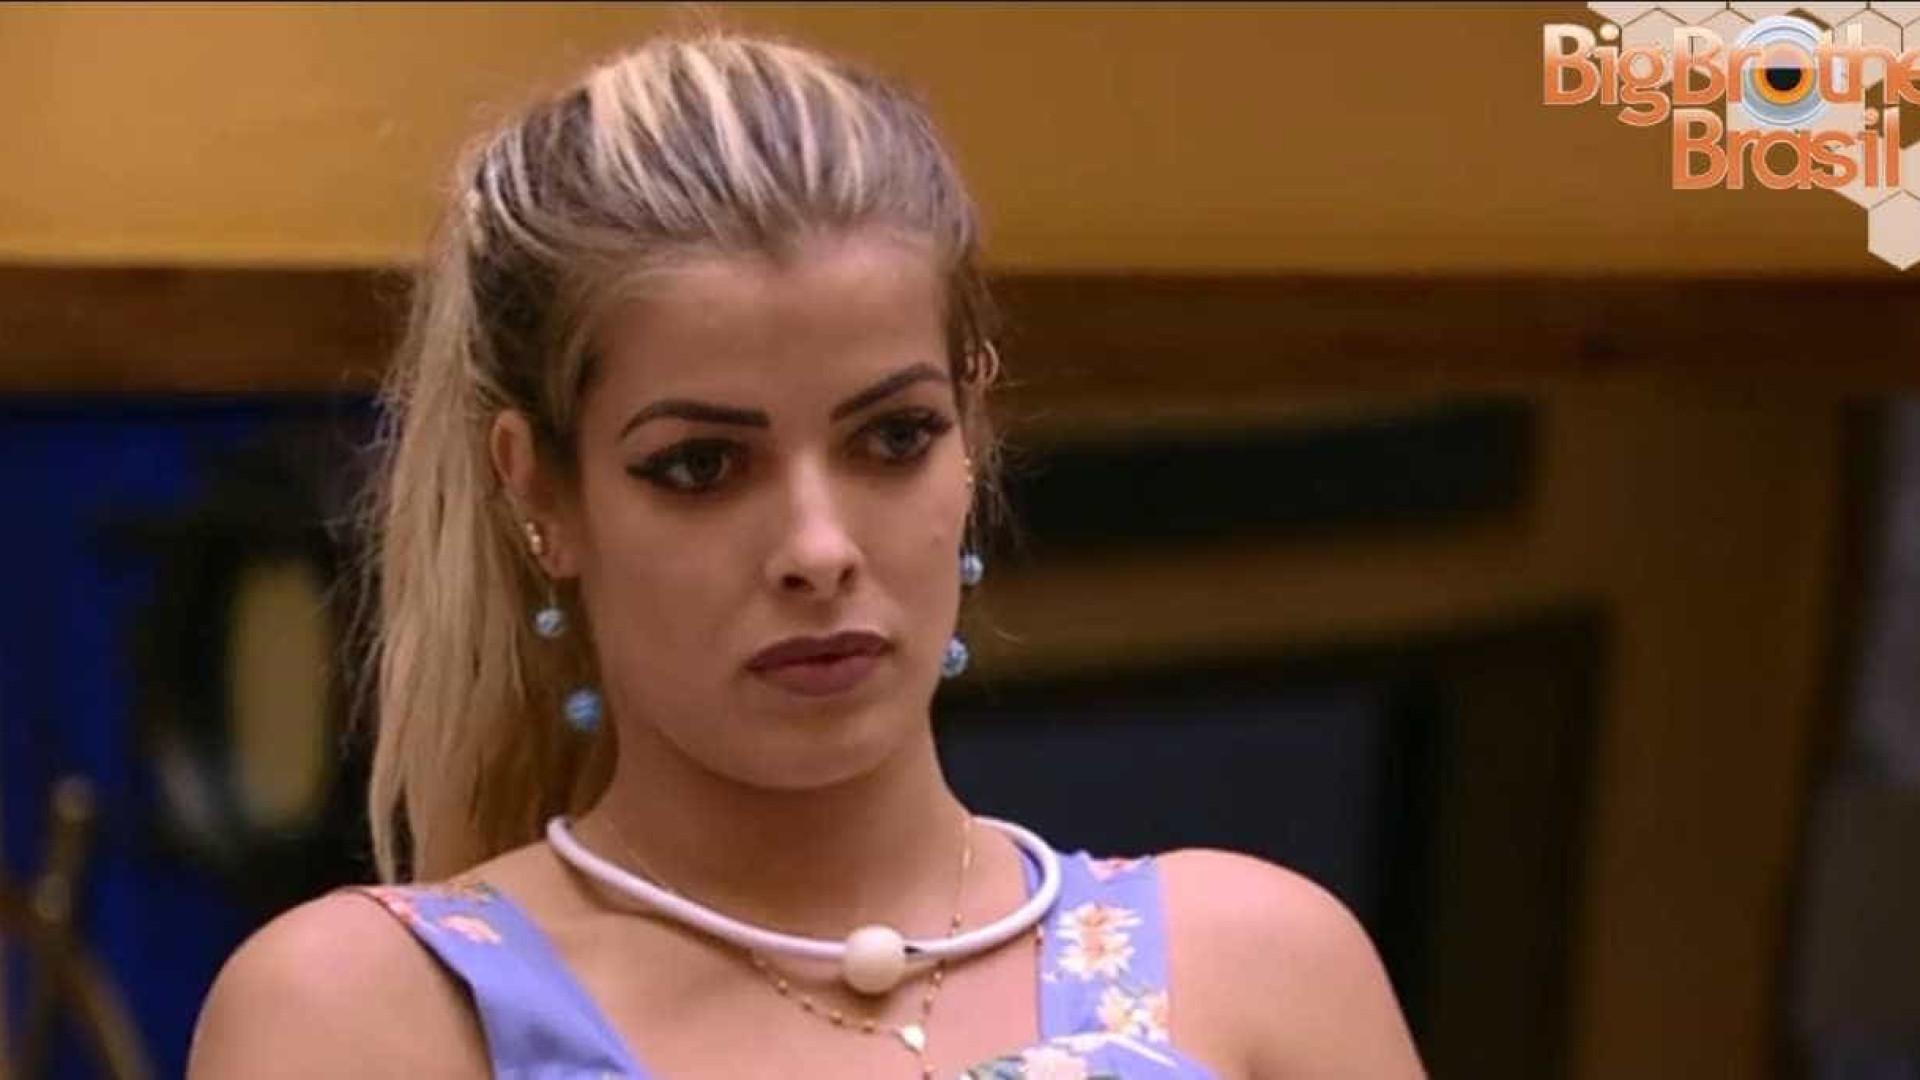 Eliminada do 'BBB 18', Jaqueline critica edição da Globo